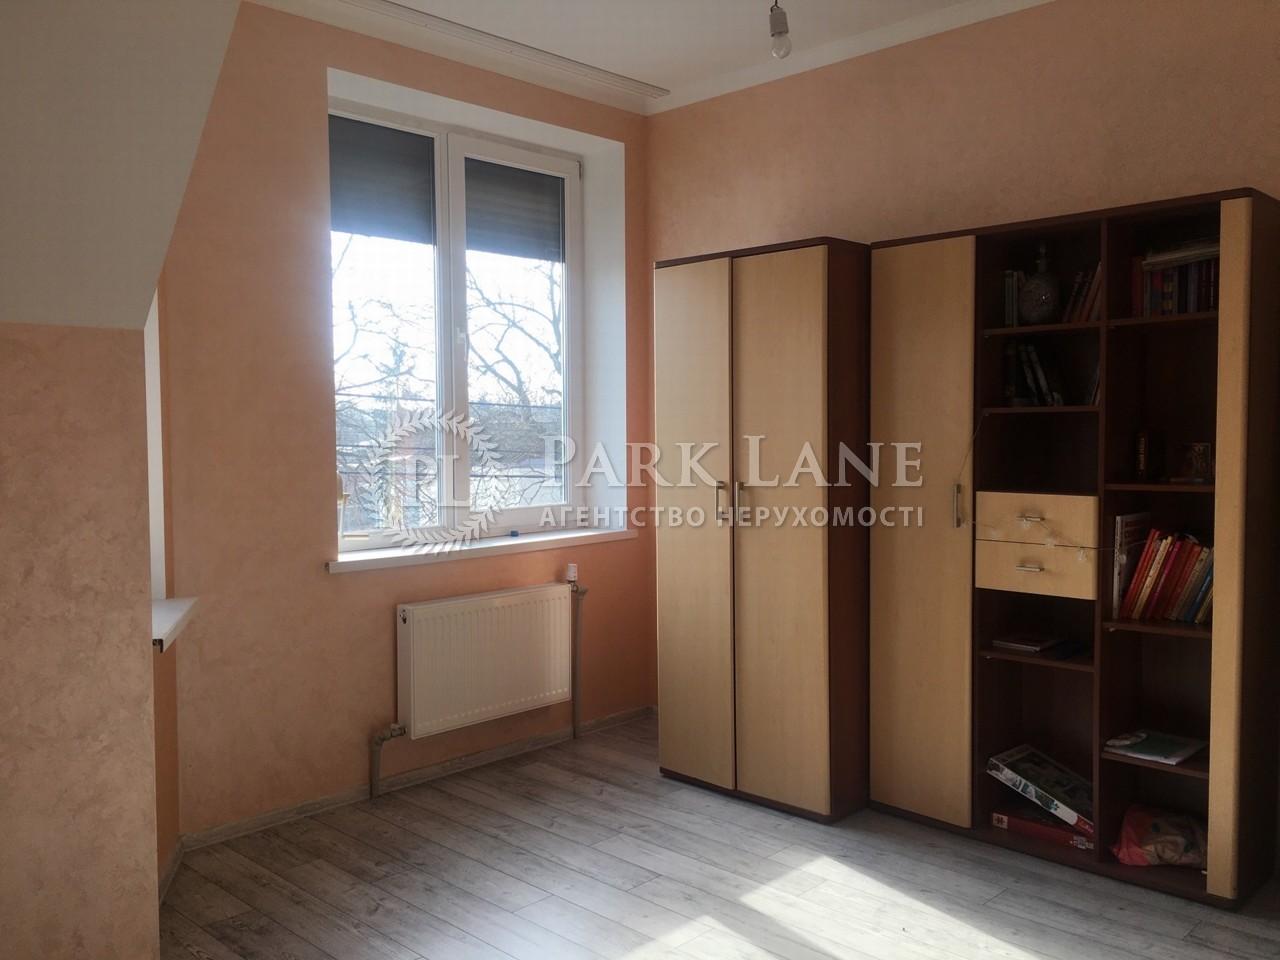 Будинок вул. Русанівські сади, Київ, L-28330 - Фото 6